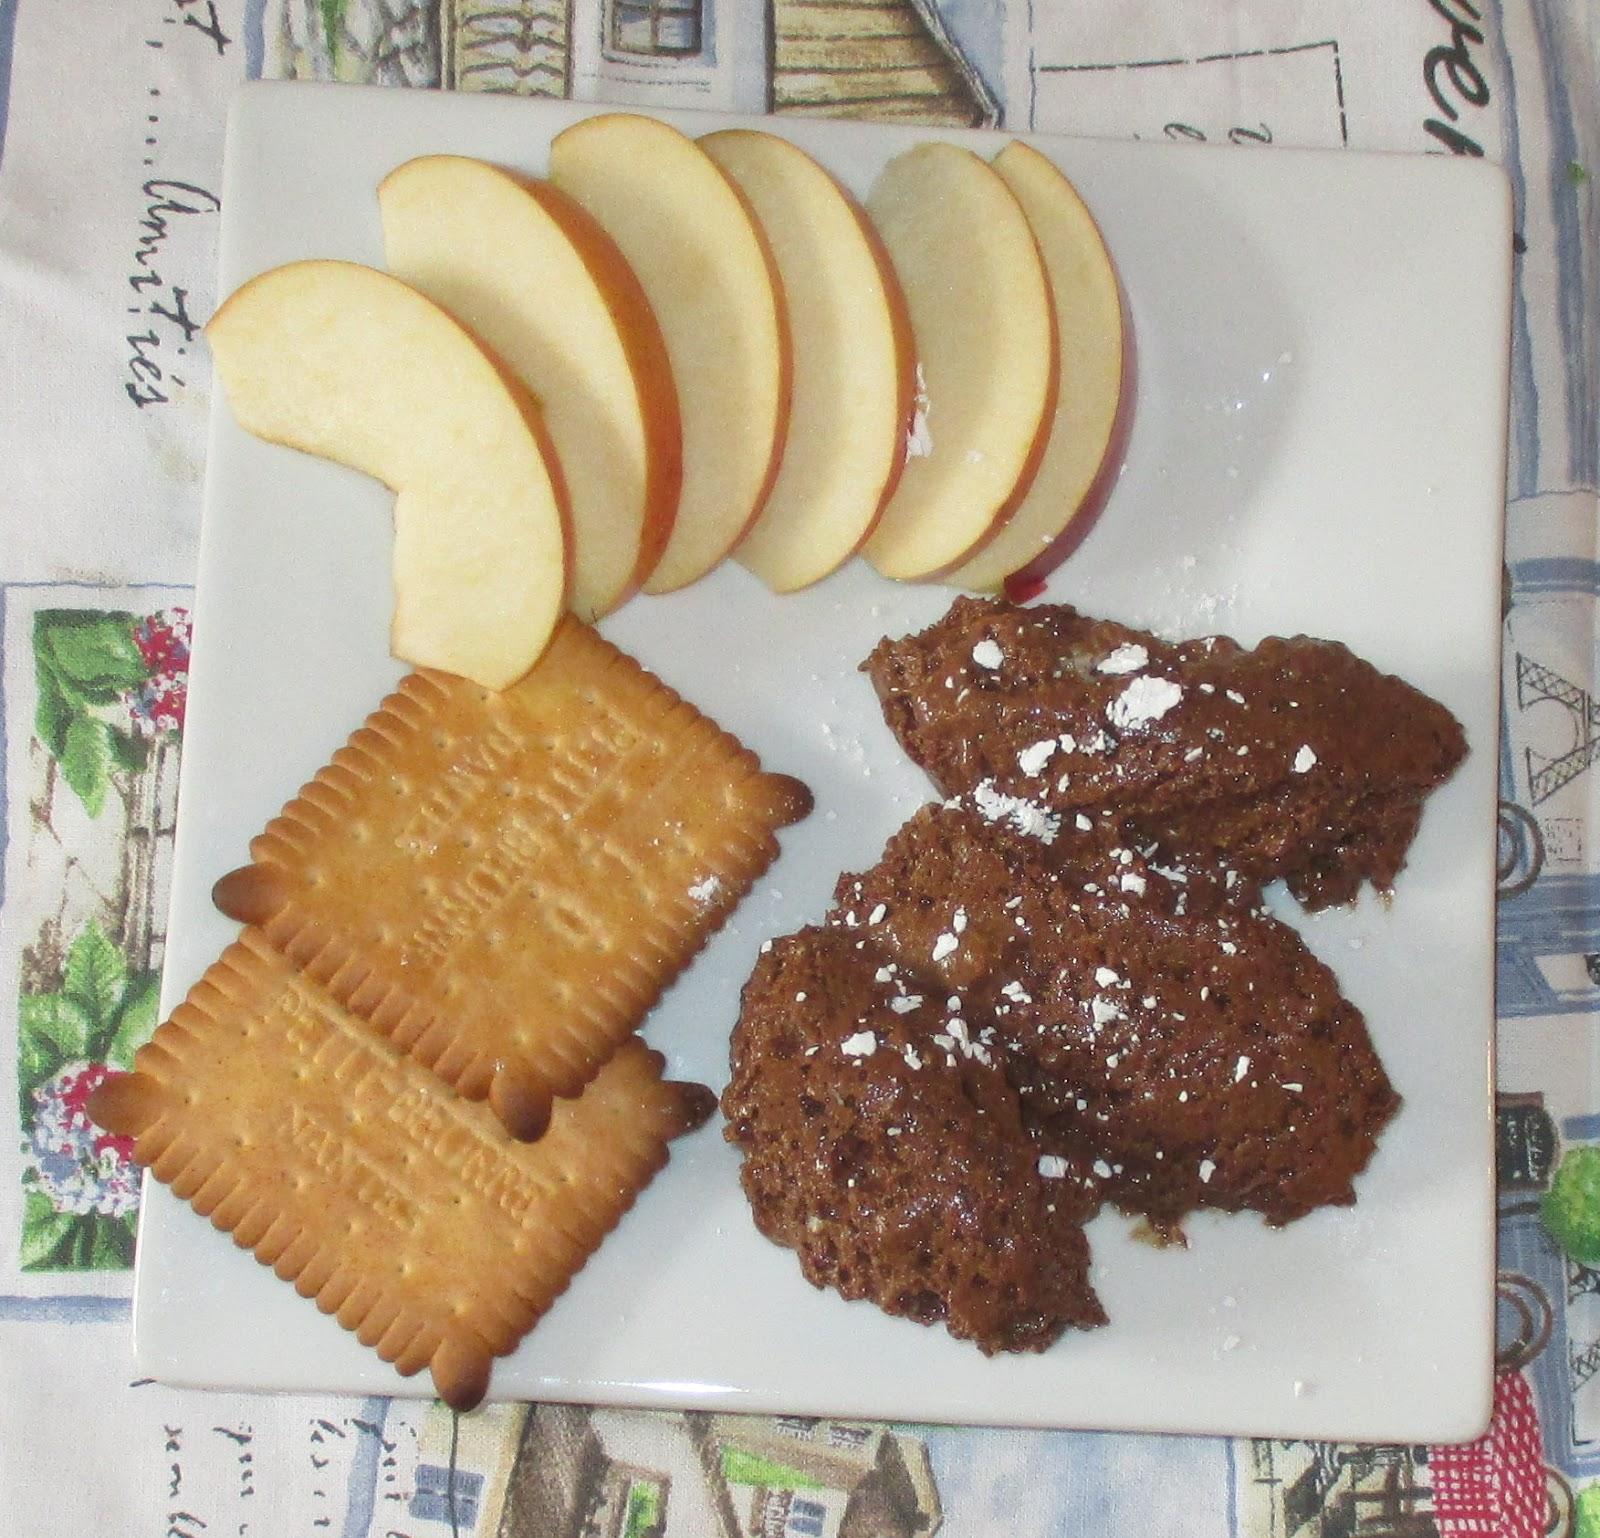 Fleur et lumi re mousse au chocolat maison - Mousse au chocolat maison ...